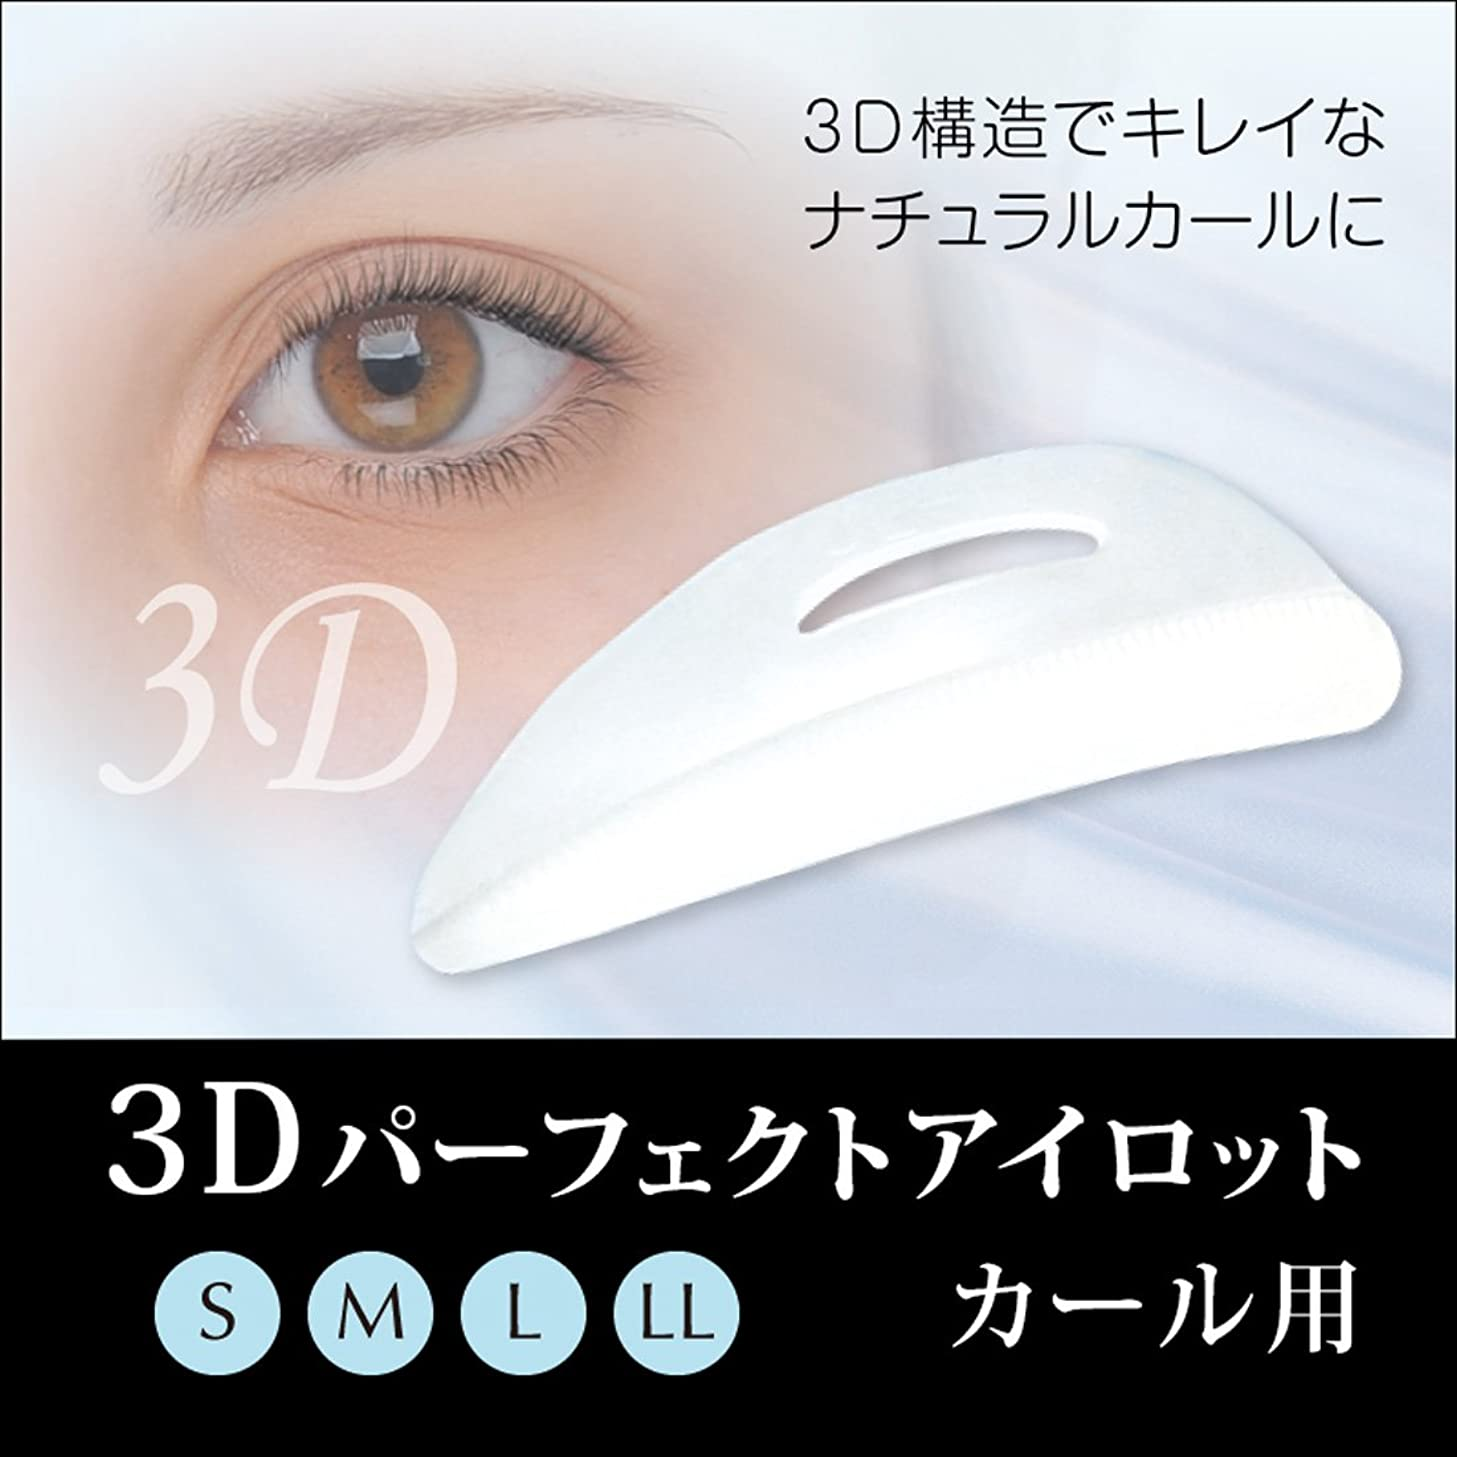 3Dパーフェクトアイロット カール用 (Sサイズ)